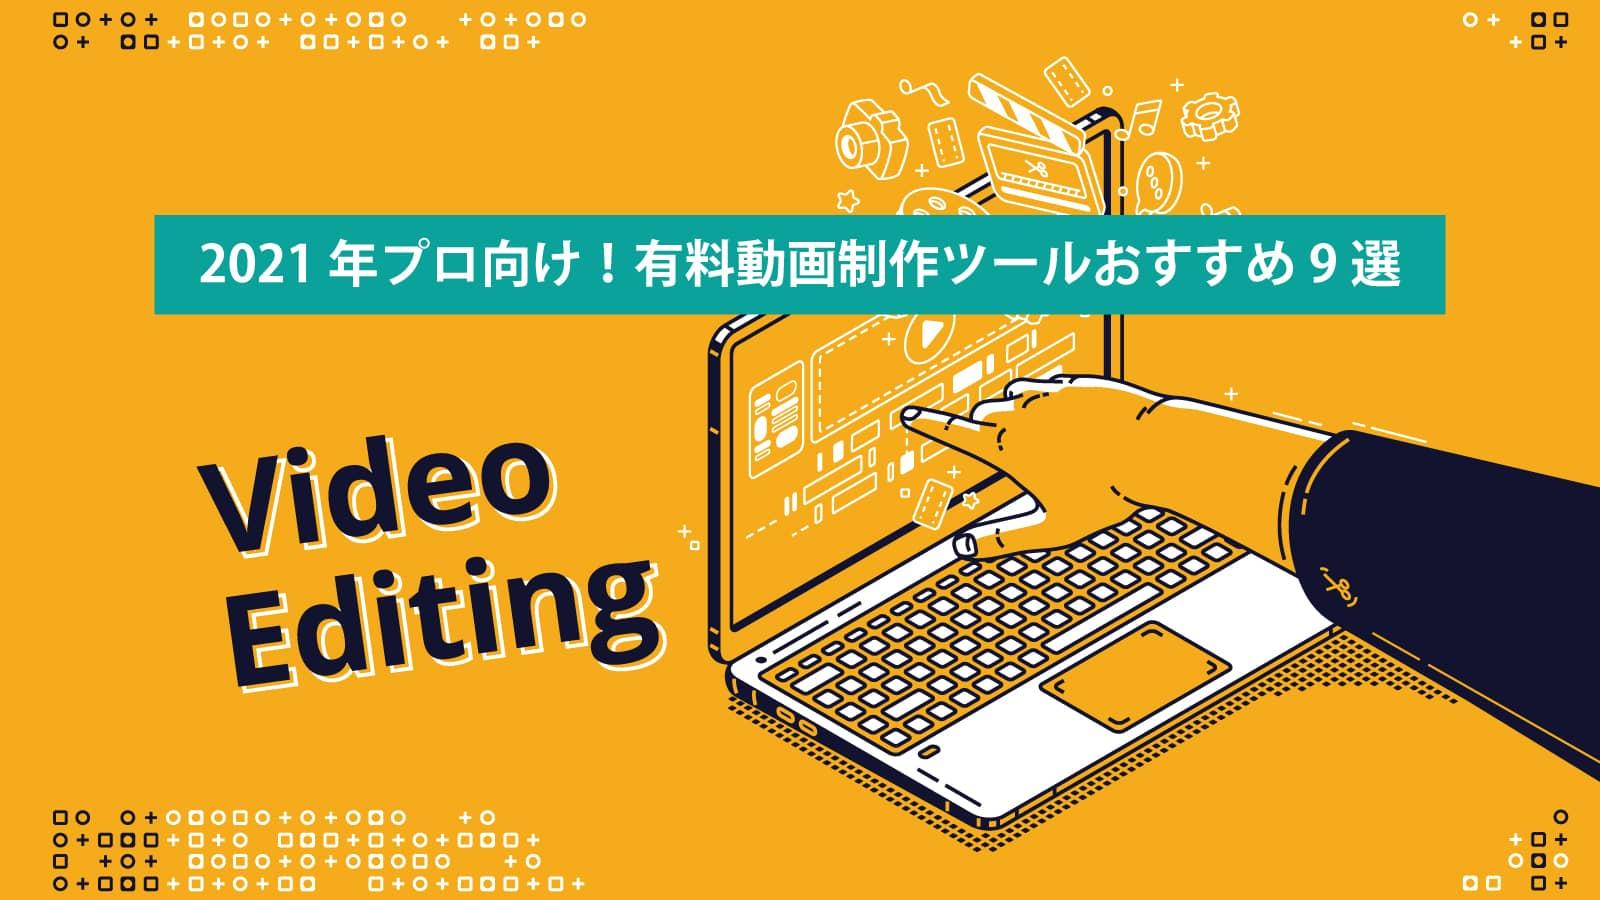 【2021年プロ向け】有料動画制作ツールおすすめ9選